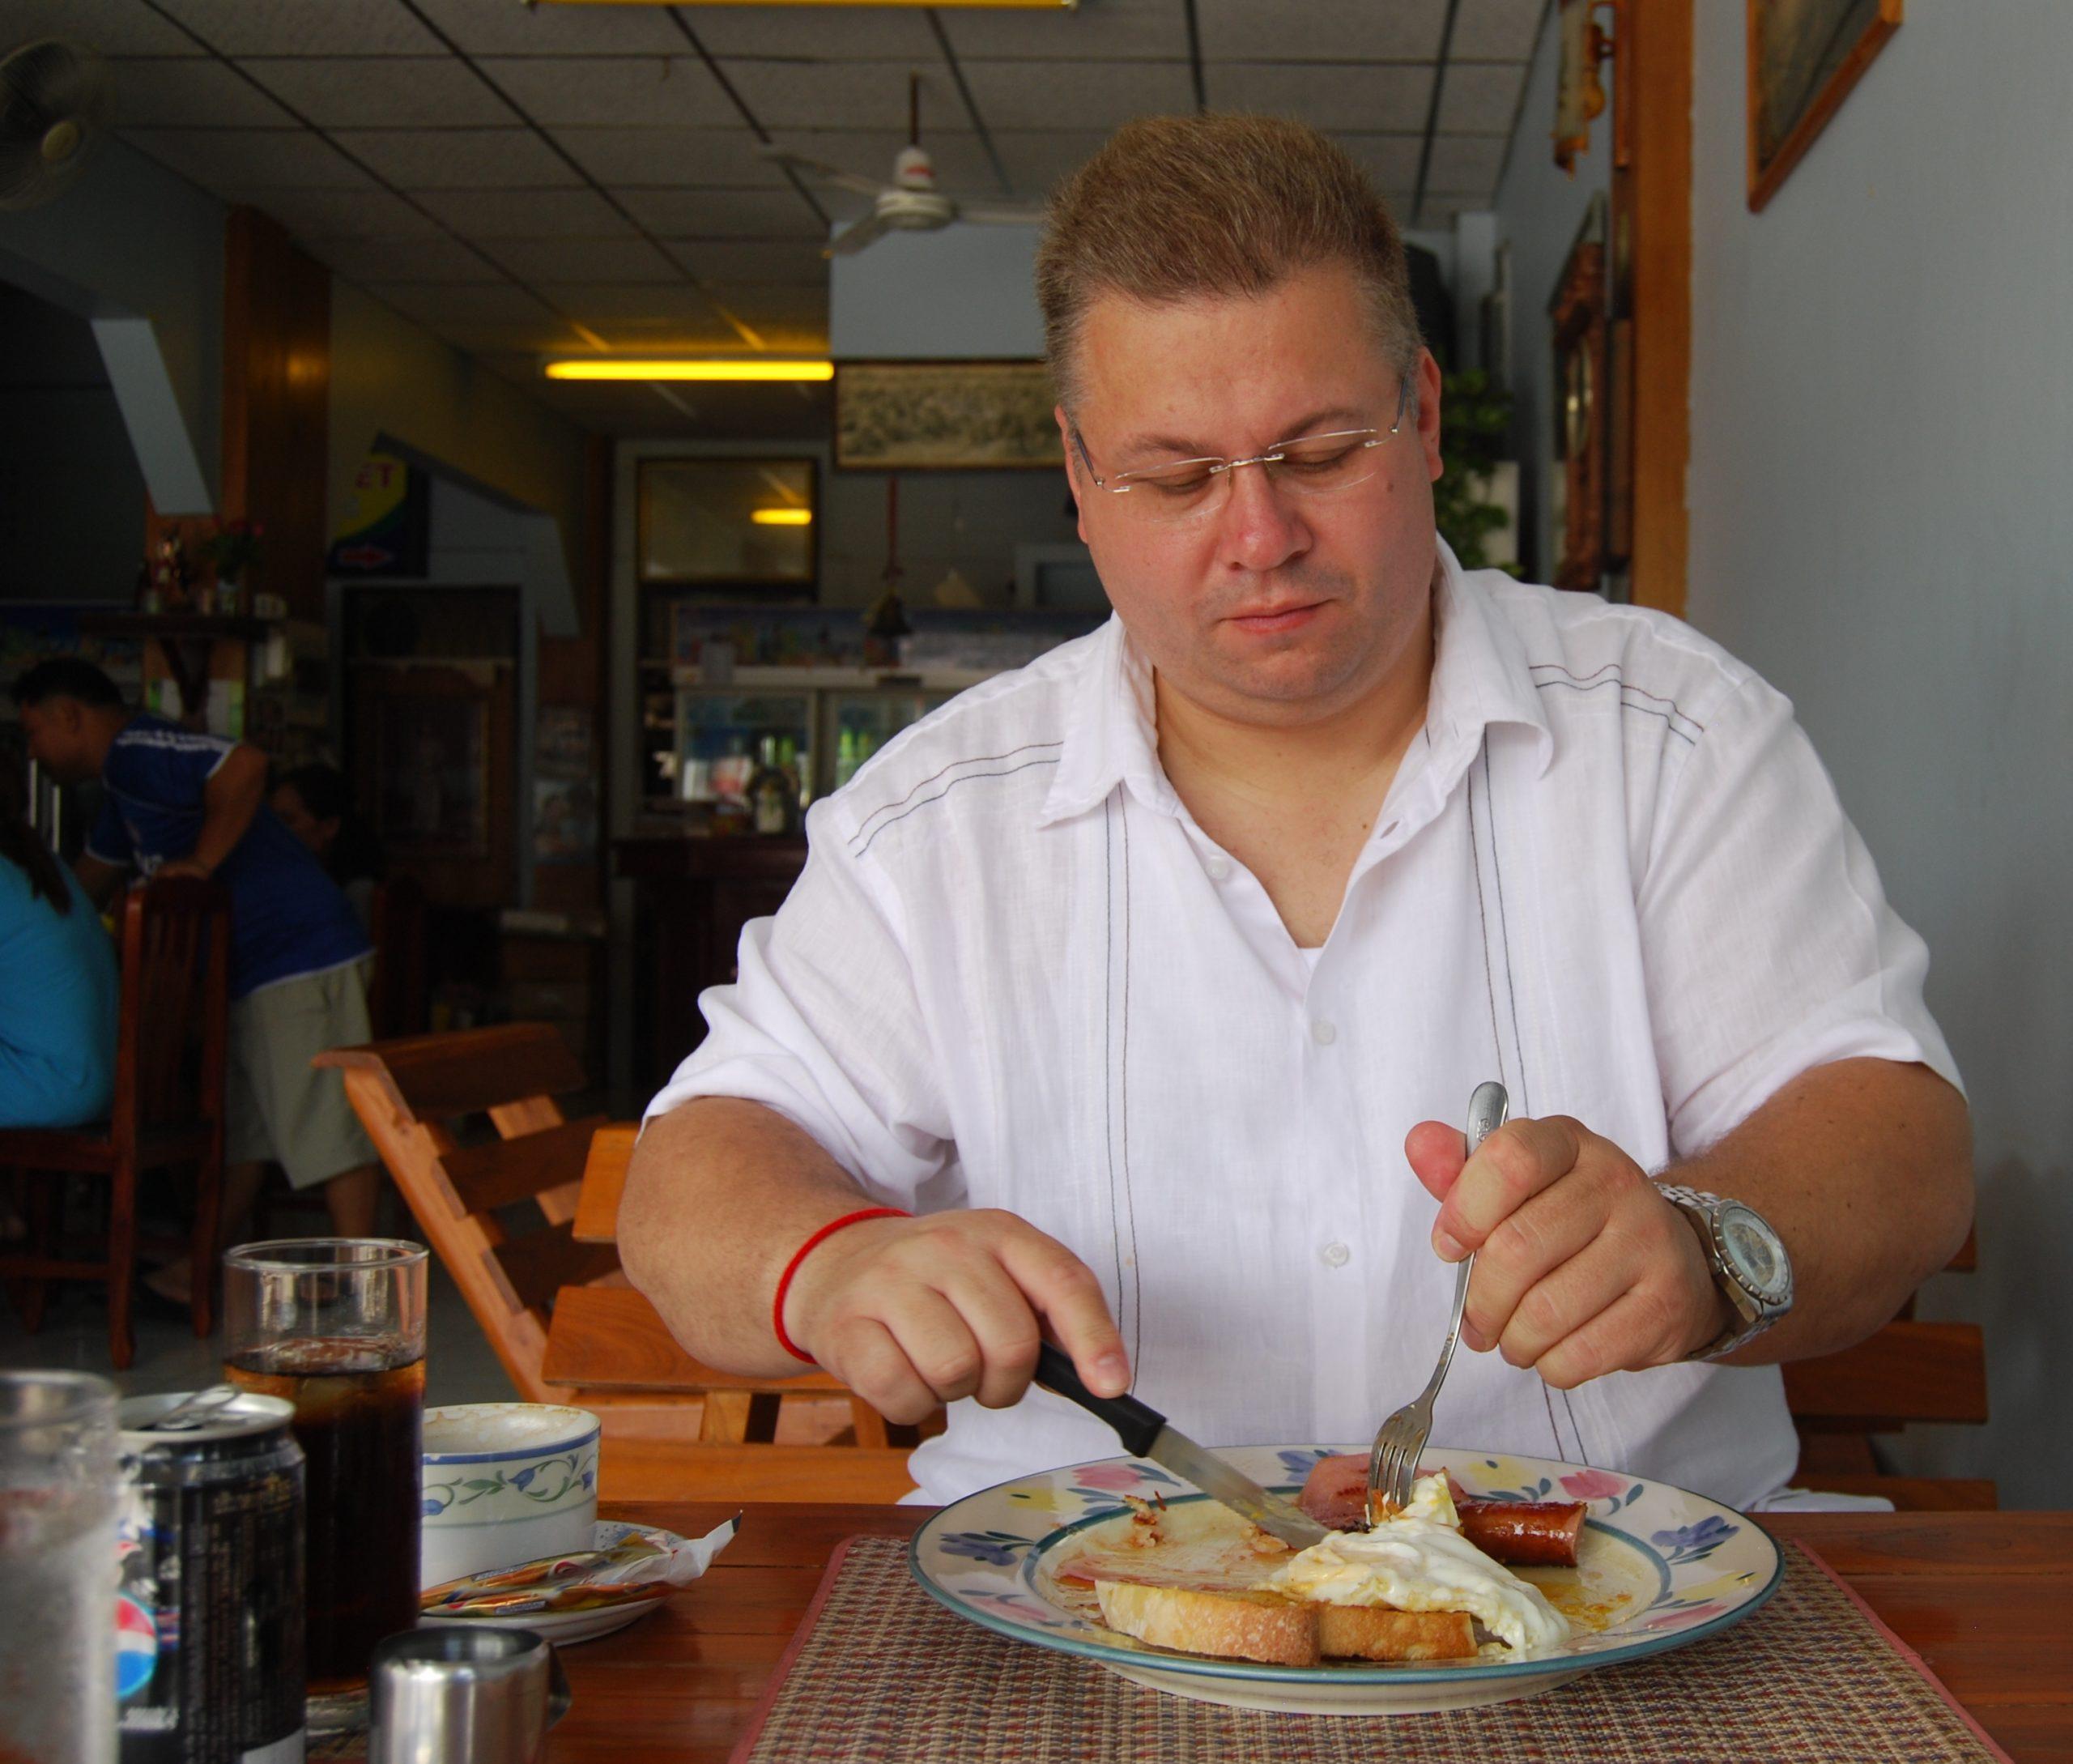 Frühstück in der Farang-Connection,Surin - Thailand